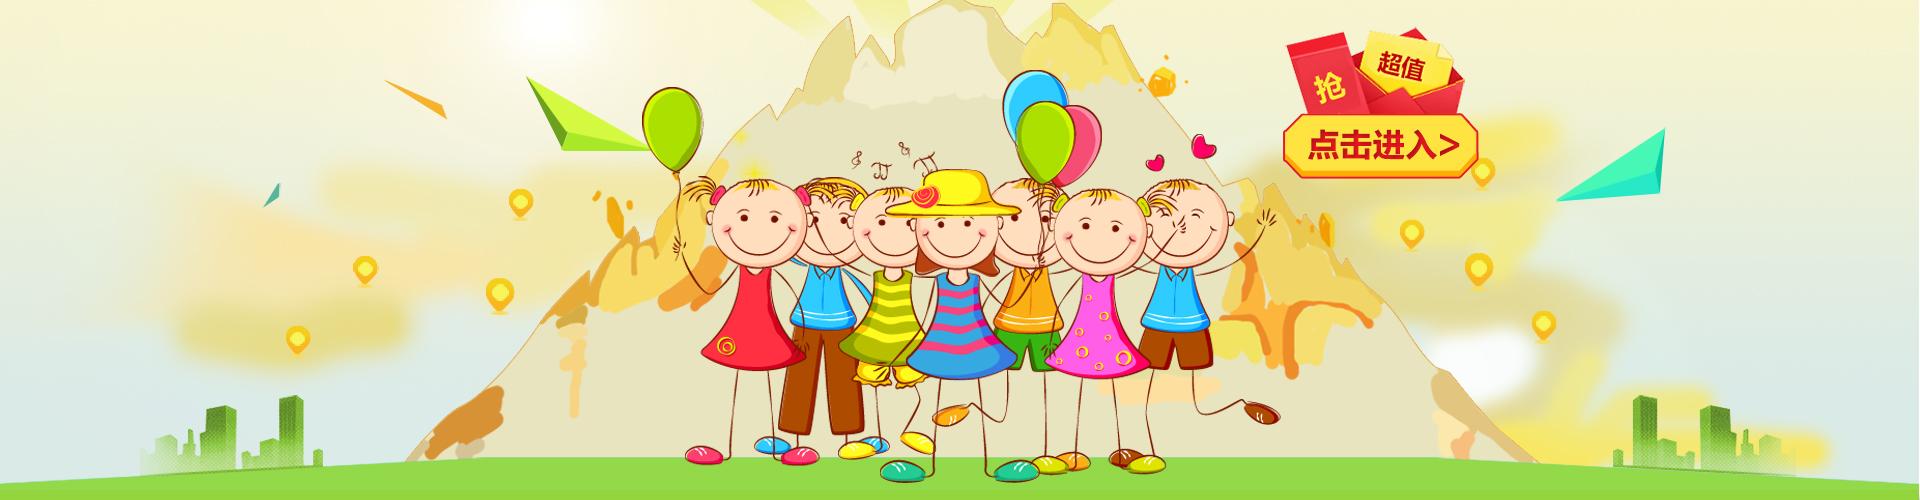 Paraiso de los niños Feliz De La Vida Cartoon Por Favor Ingrese ...